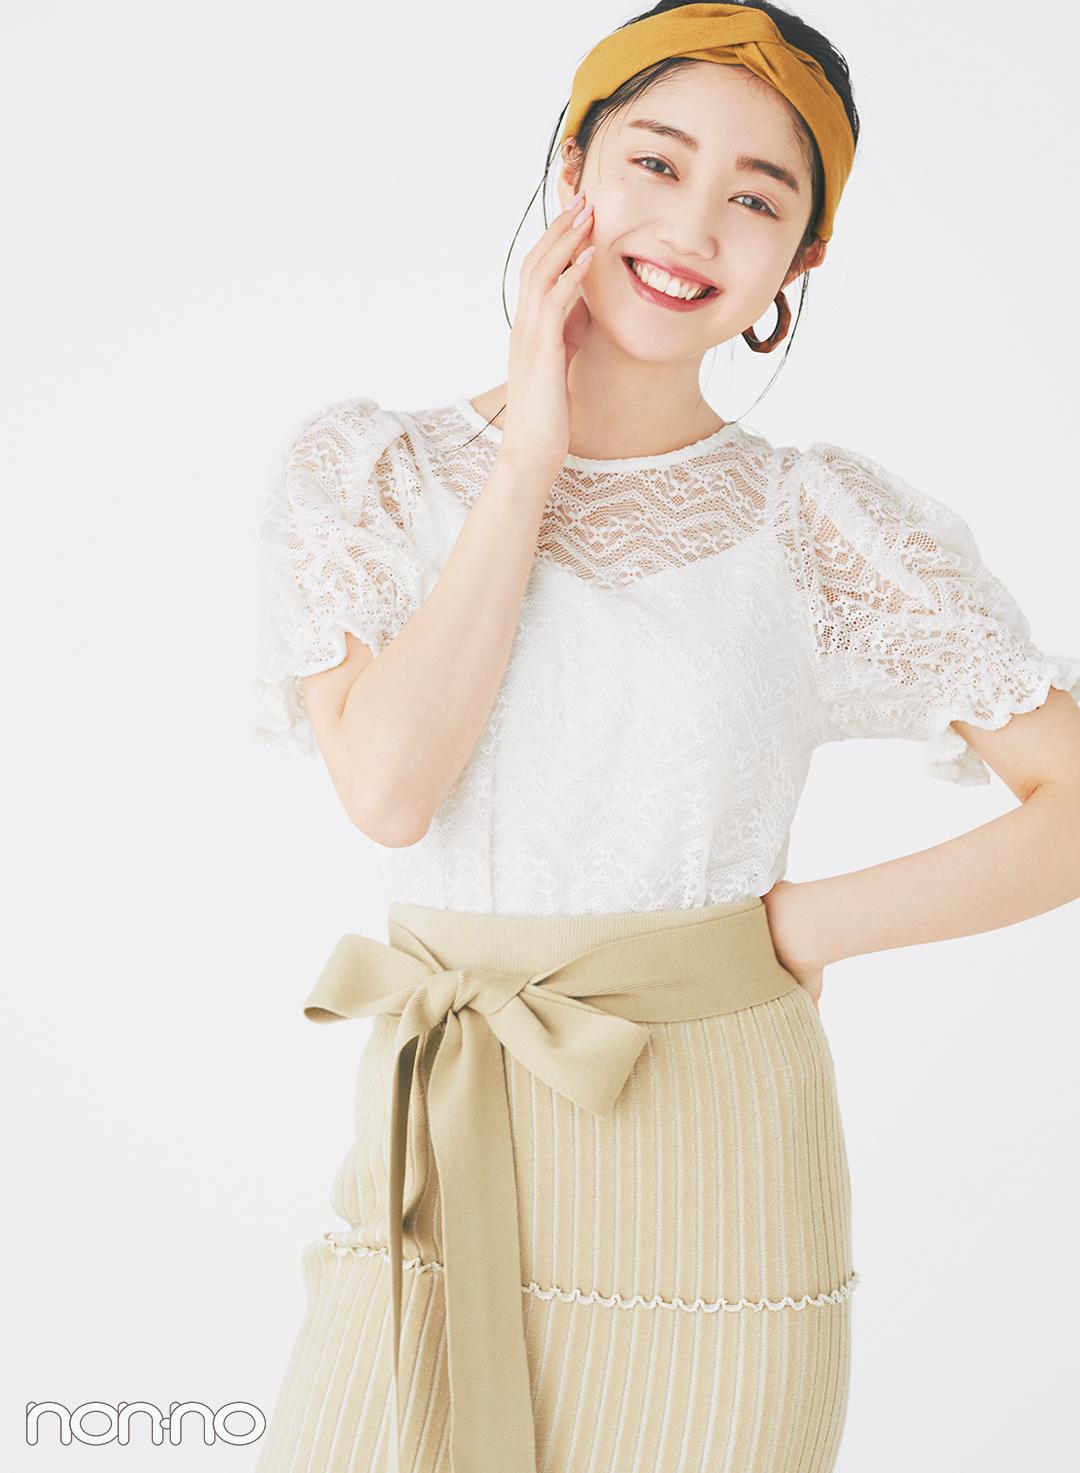 トレンドの透け服、中に何着る? お役立ちインナーQ&Aまとめ★_1_5